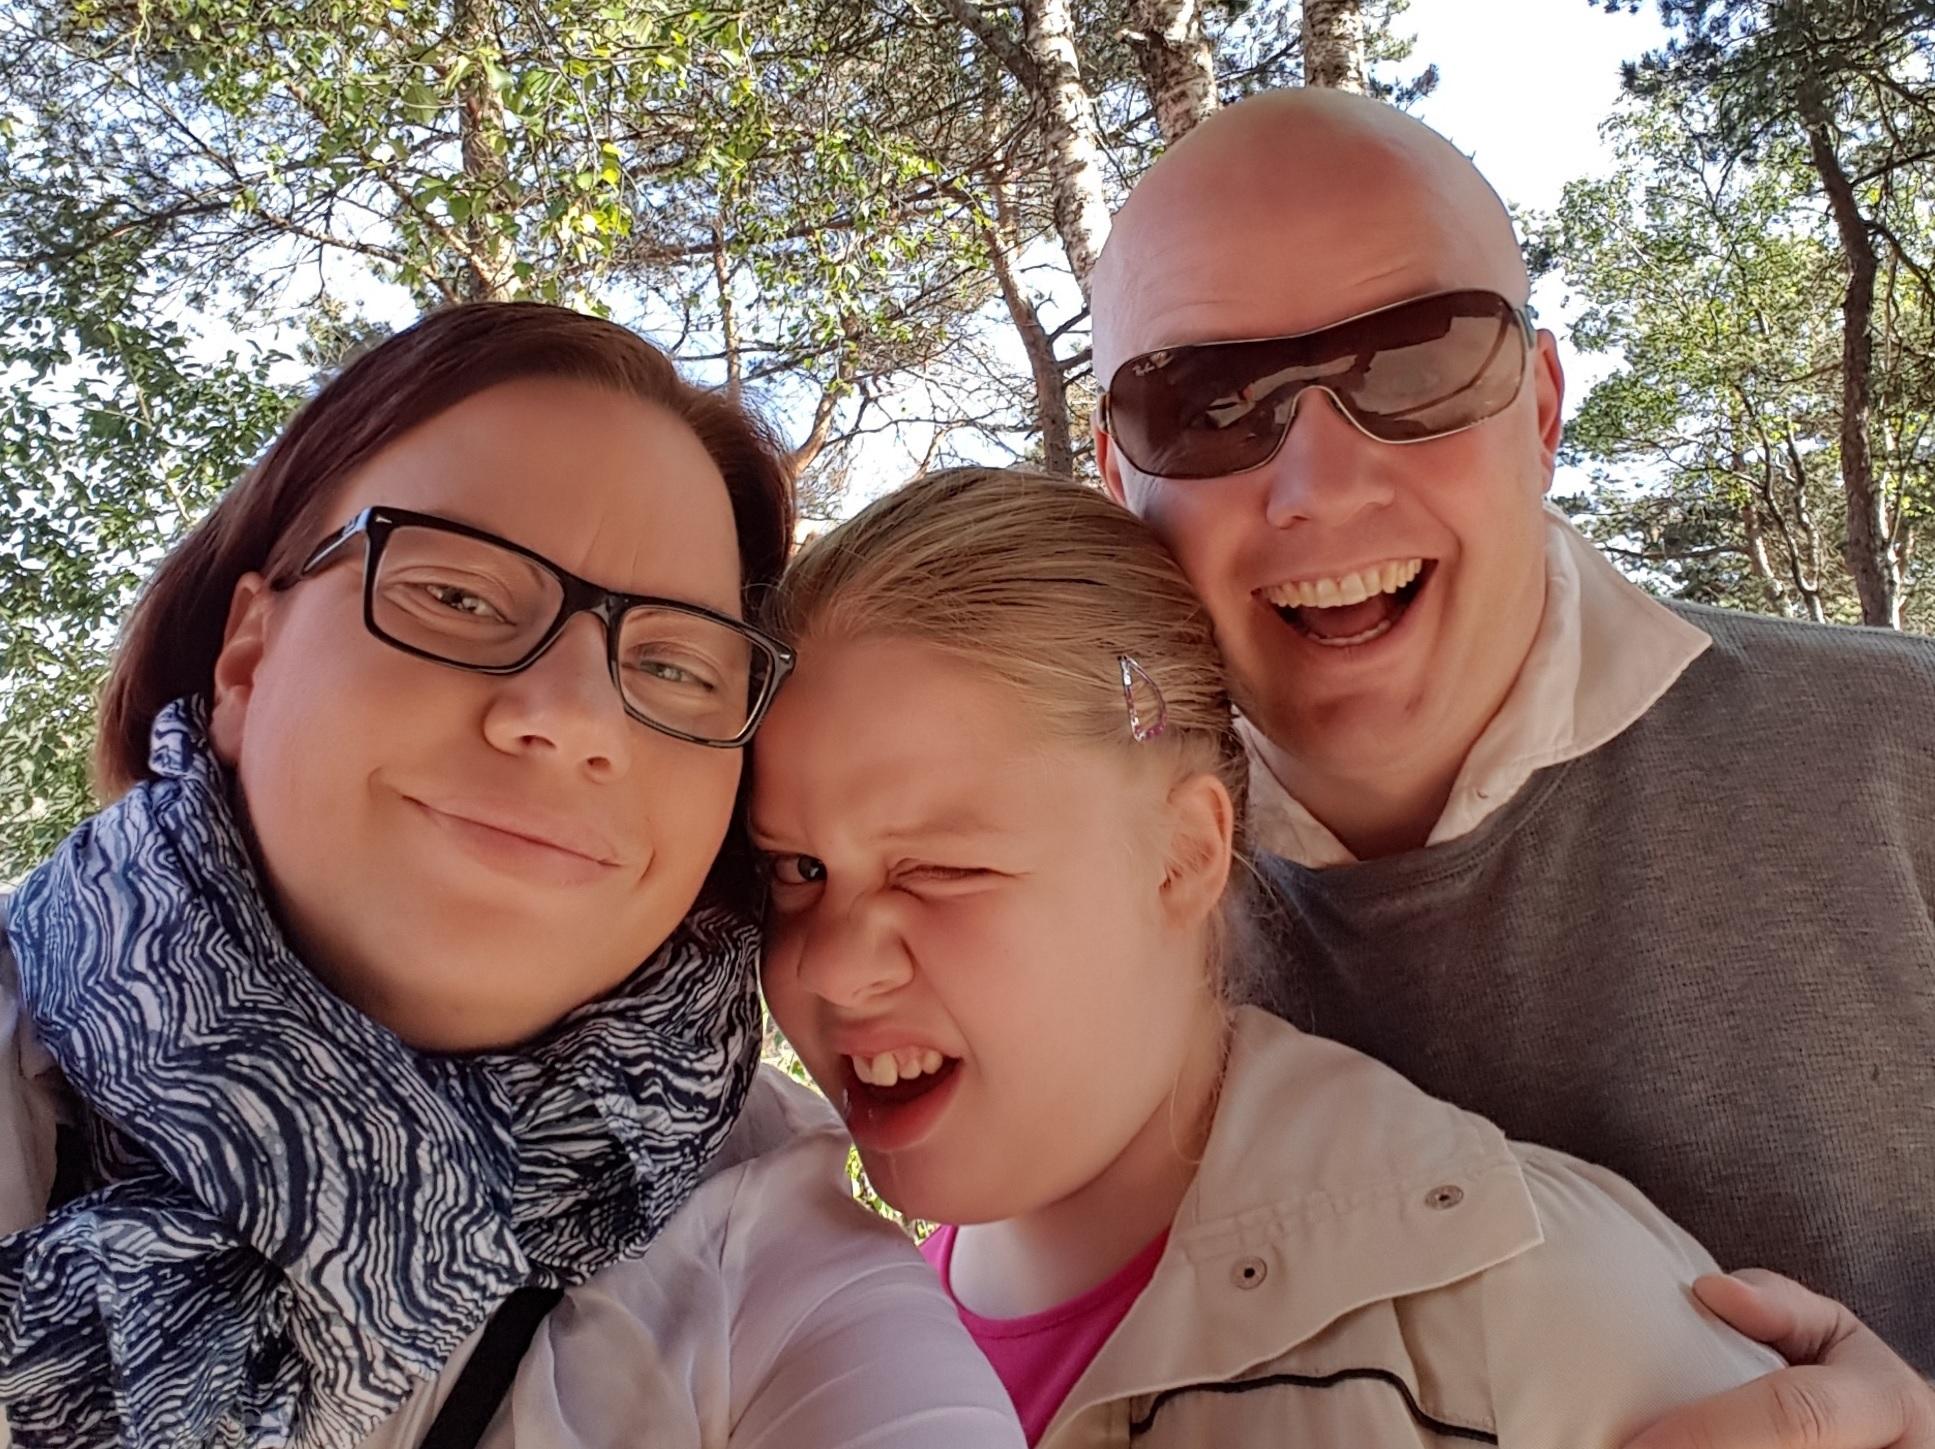 Ulrikke Tranberg (t.v) og hennes familie er med i filmen Det kjæreste (2012). Les mer om hennes forventninger til Abloom Filmfestival 2016 lenger nede i artikkelen. På bildet ser du også datteren Elena og ektemannen Kjetil Olsen. FOTO: Privat